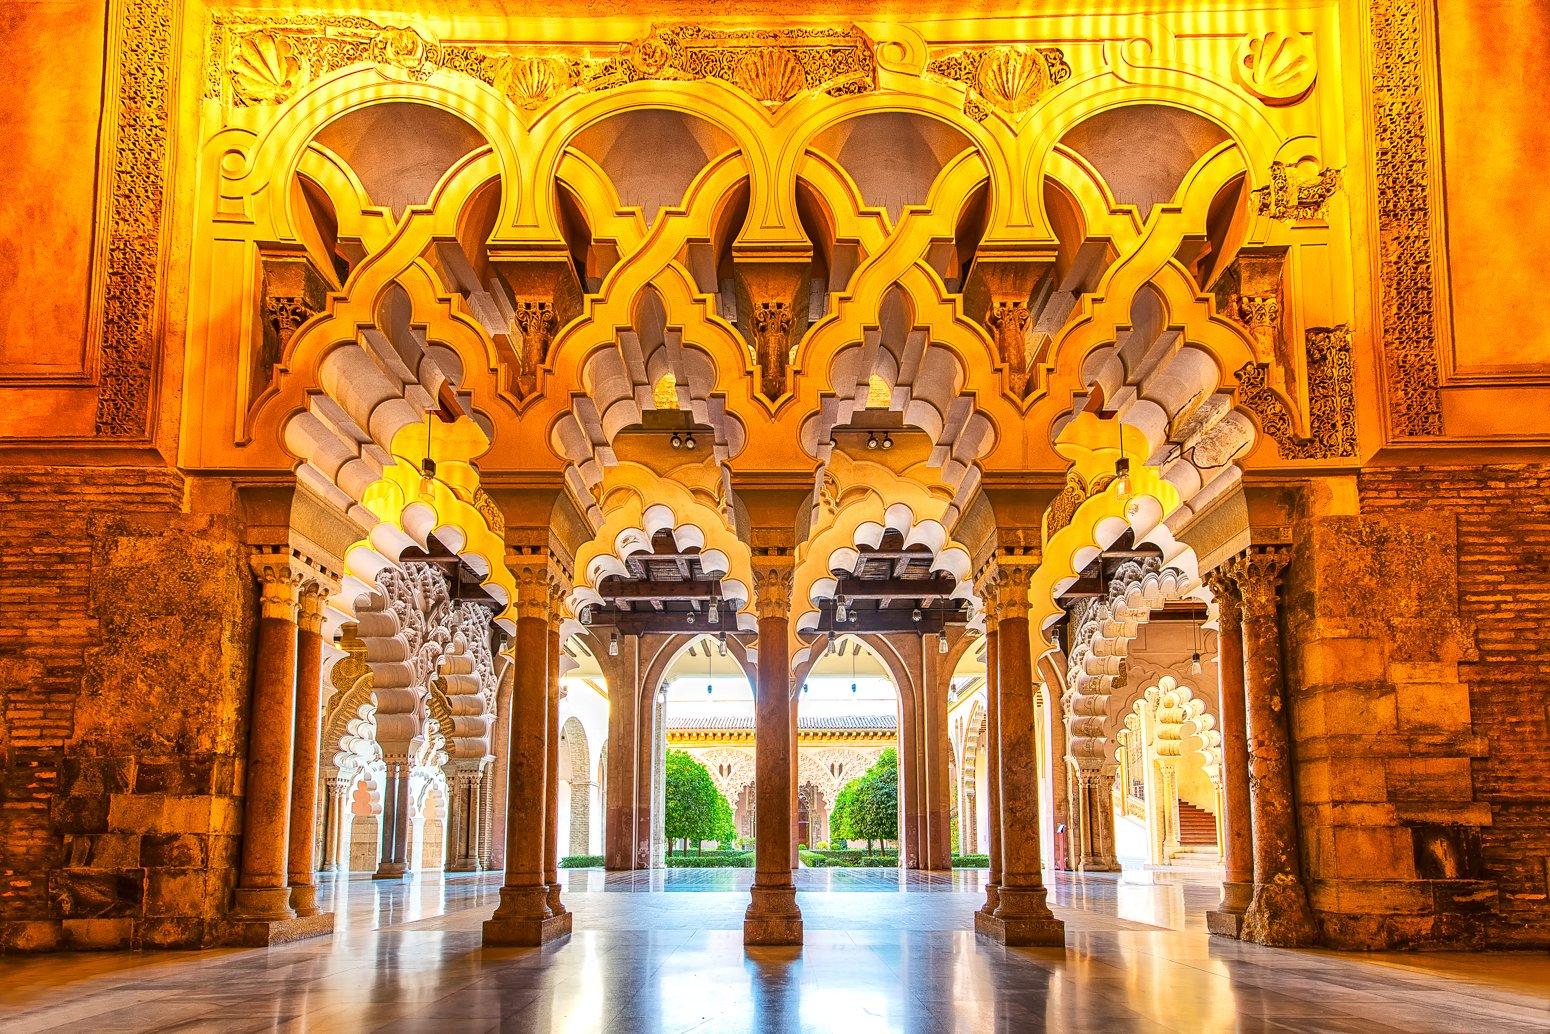 Aljaferia Stadtpalast in Saragossa, Spanien mit einzigartiger Architektur und Baustilen